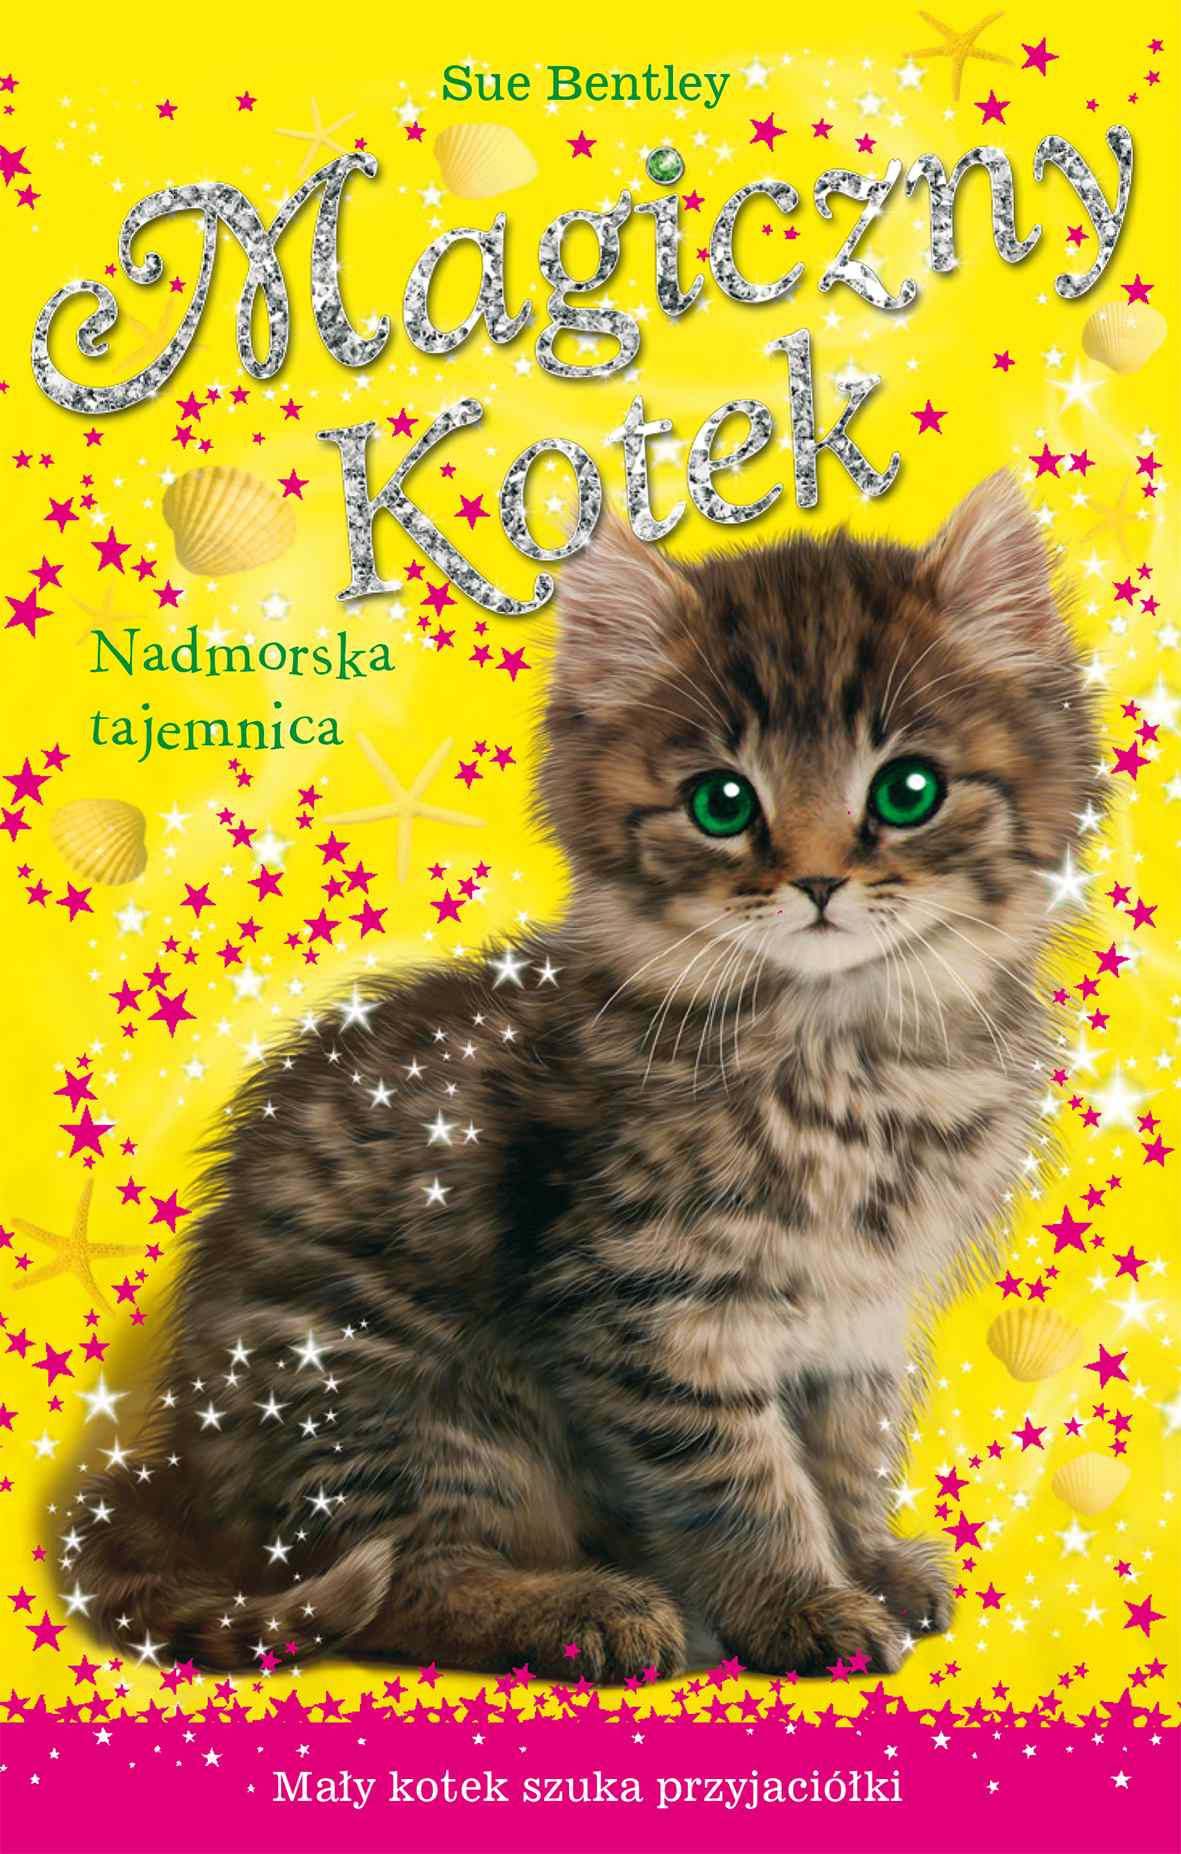 Nadmorska tajemnica. Magiczny kotek - Ebook (Książka EPUB) do pobrania w formacie EPUB